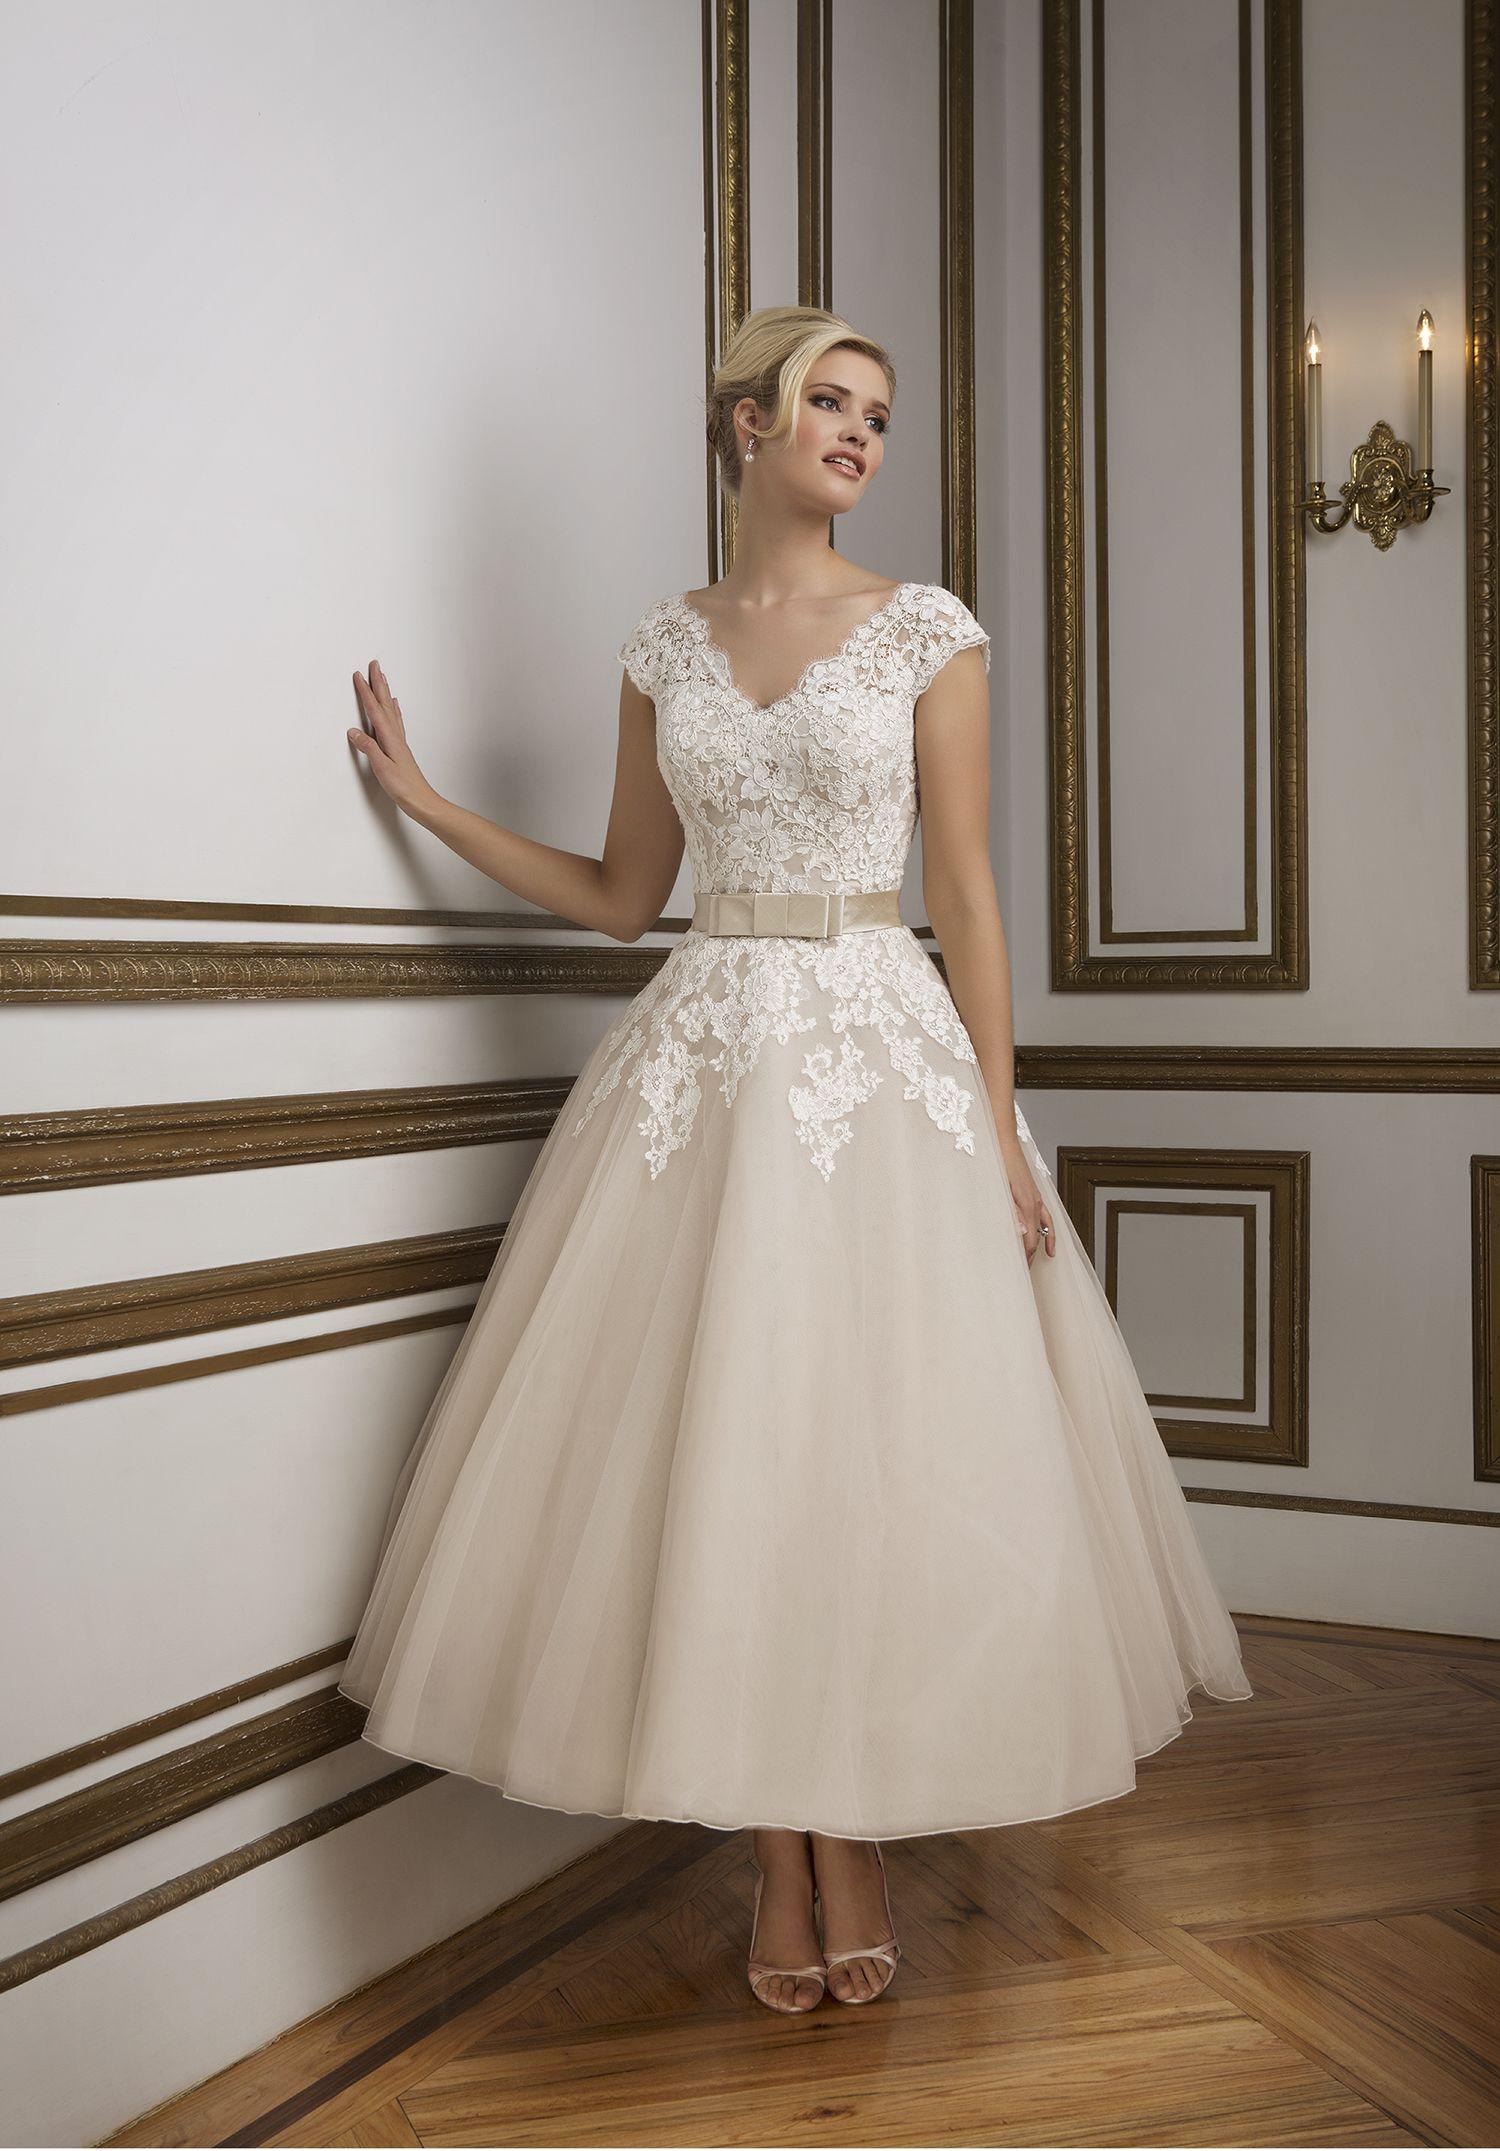 Kurzes Brautkleid von Justin Alexander   Mehr kurze Brautkleider auf http://www.hochzeitsplaza.de/brautkleider-trends/kurze-brautkleider   #hochzeit #braut #brautkleid  #kurz #romantisch #tealength #standesamt #modern #weiß #spitze